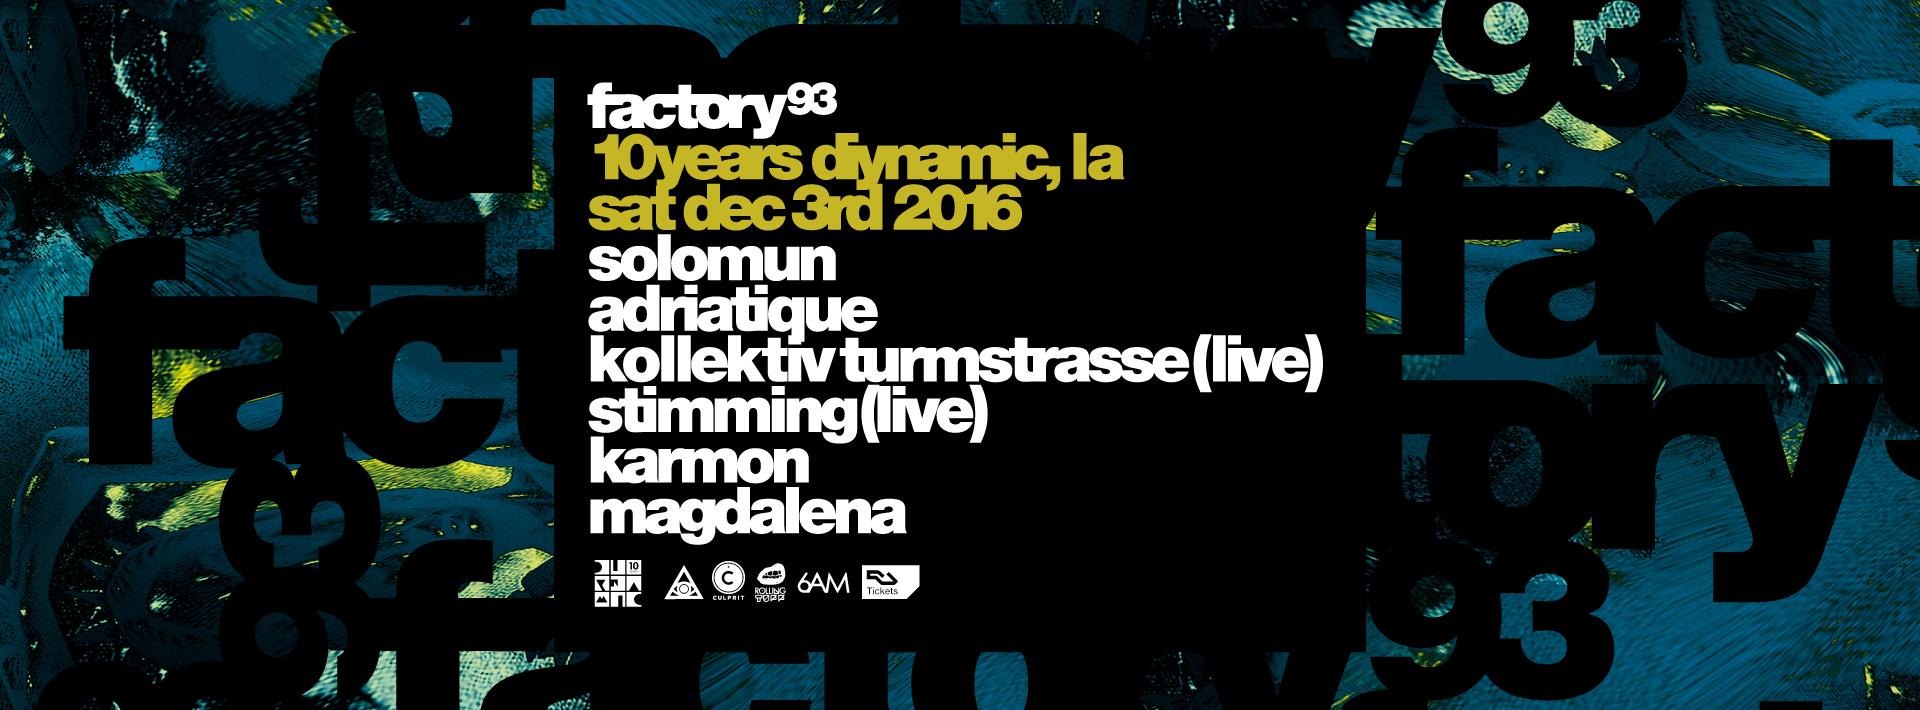 Diynamic 10 Year Anniversary